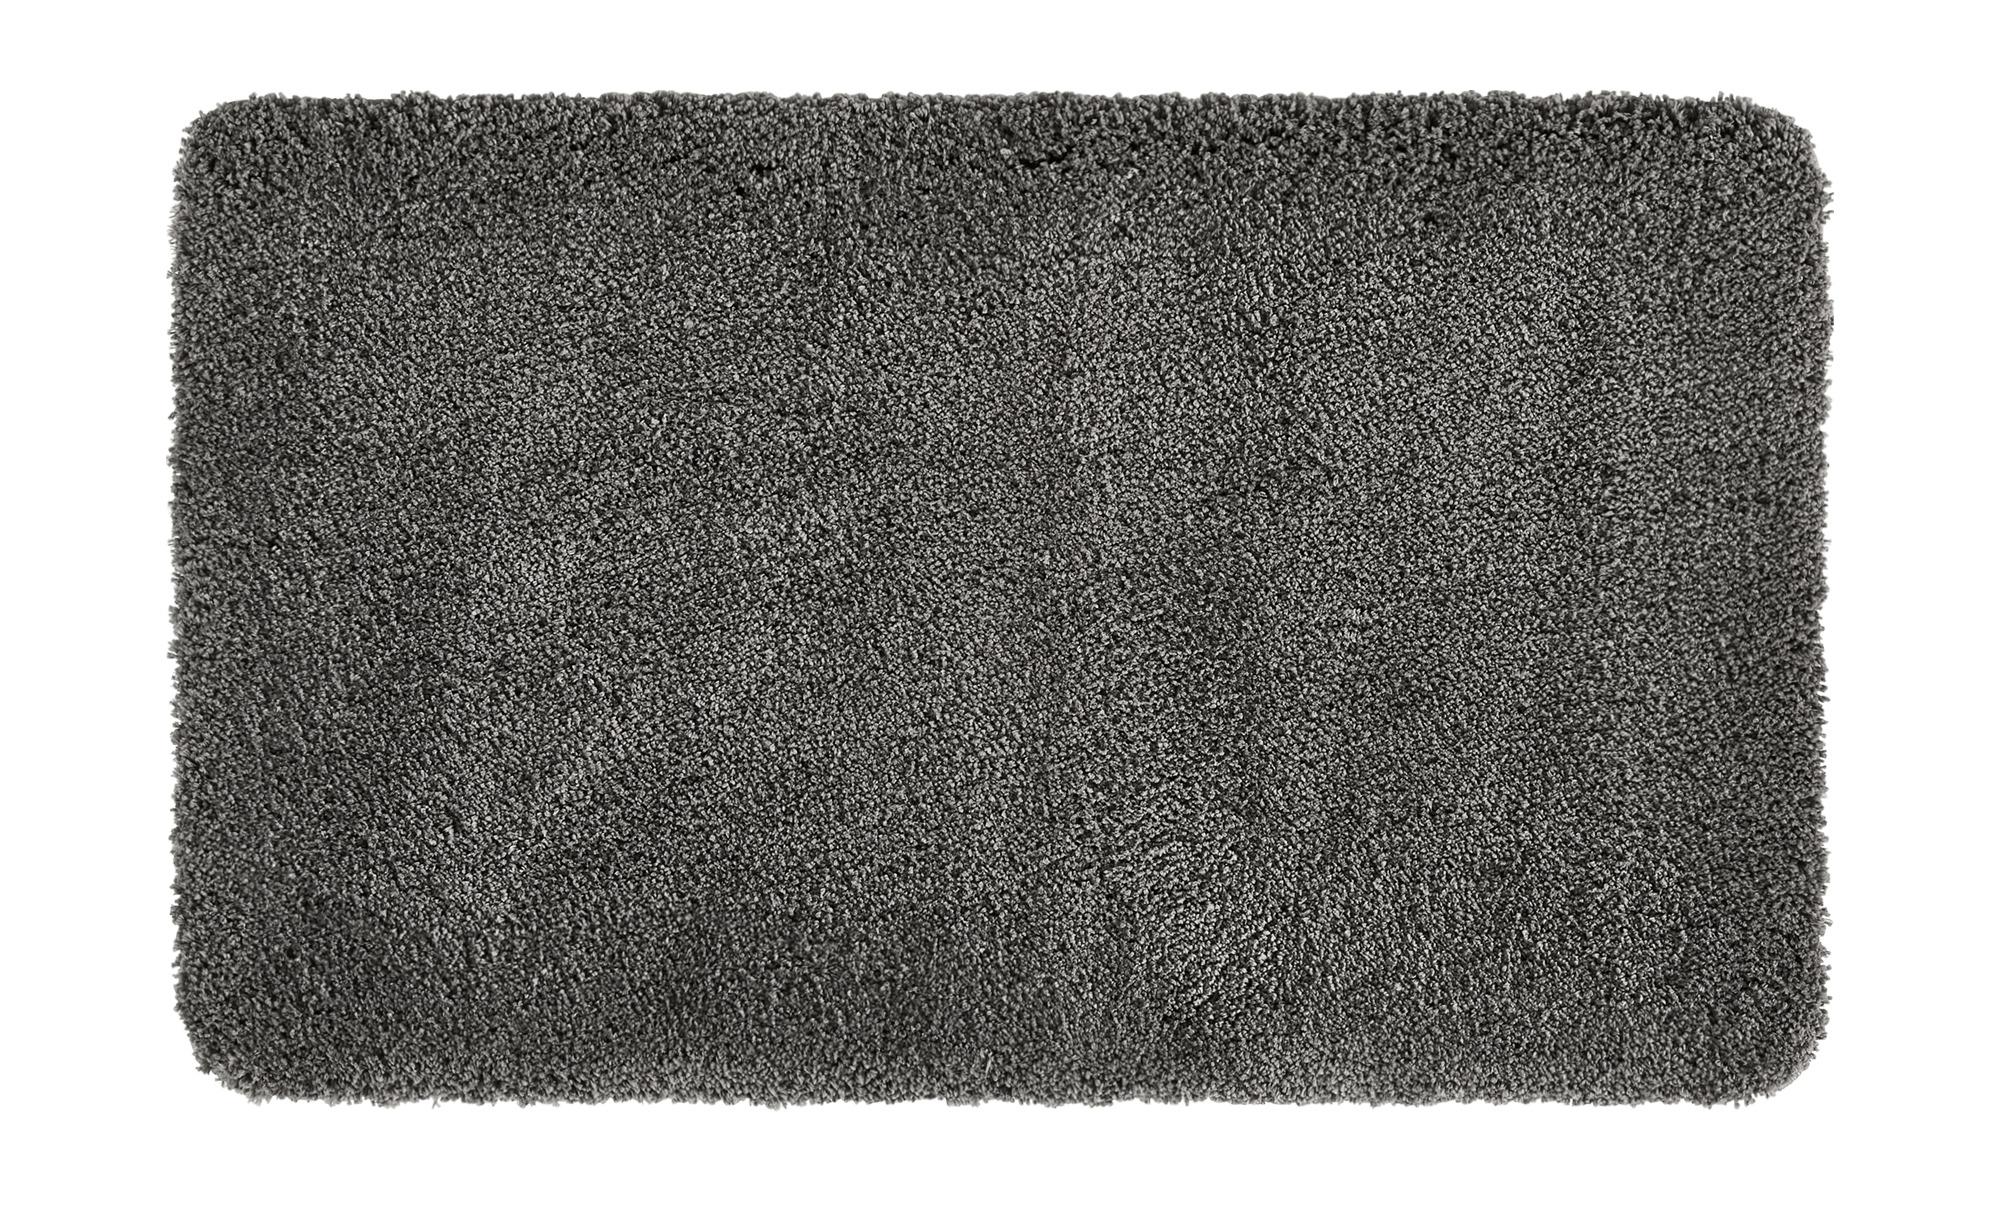 HOME STORY Badteppich  Softy ¦ grau ¦ 100% Polyester ¦ Maße (cm): B: 70 Badtextilien und Zubehör > Badematten & Badvorleger - Höffner